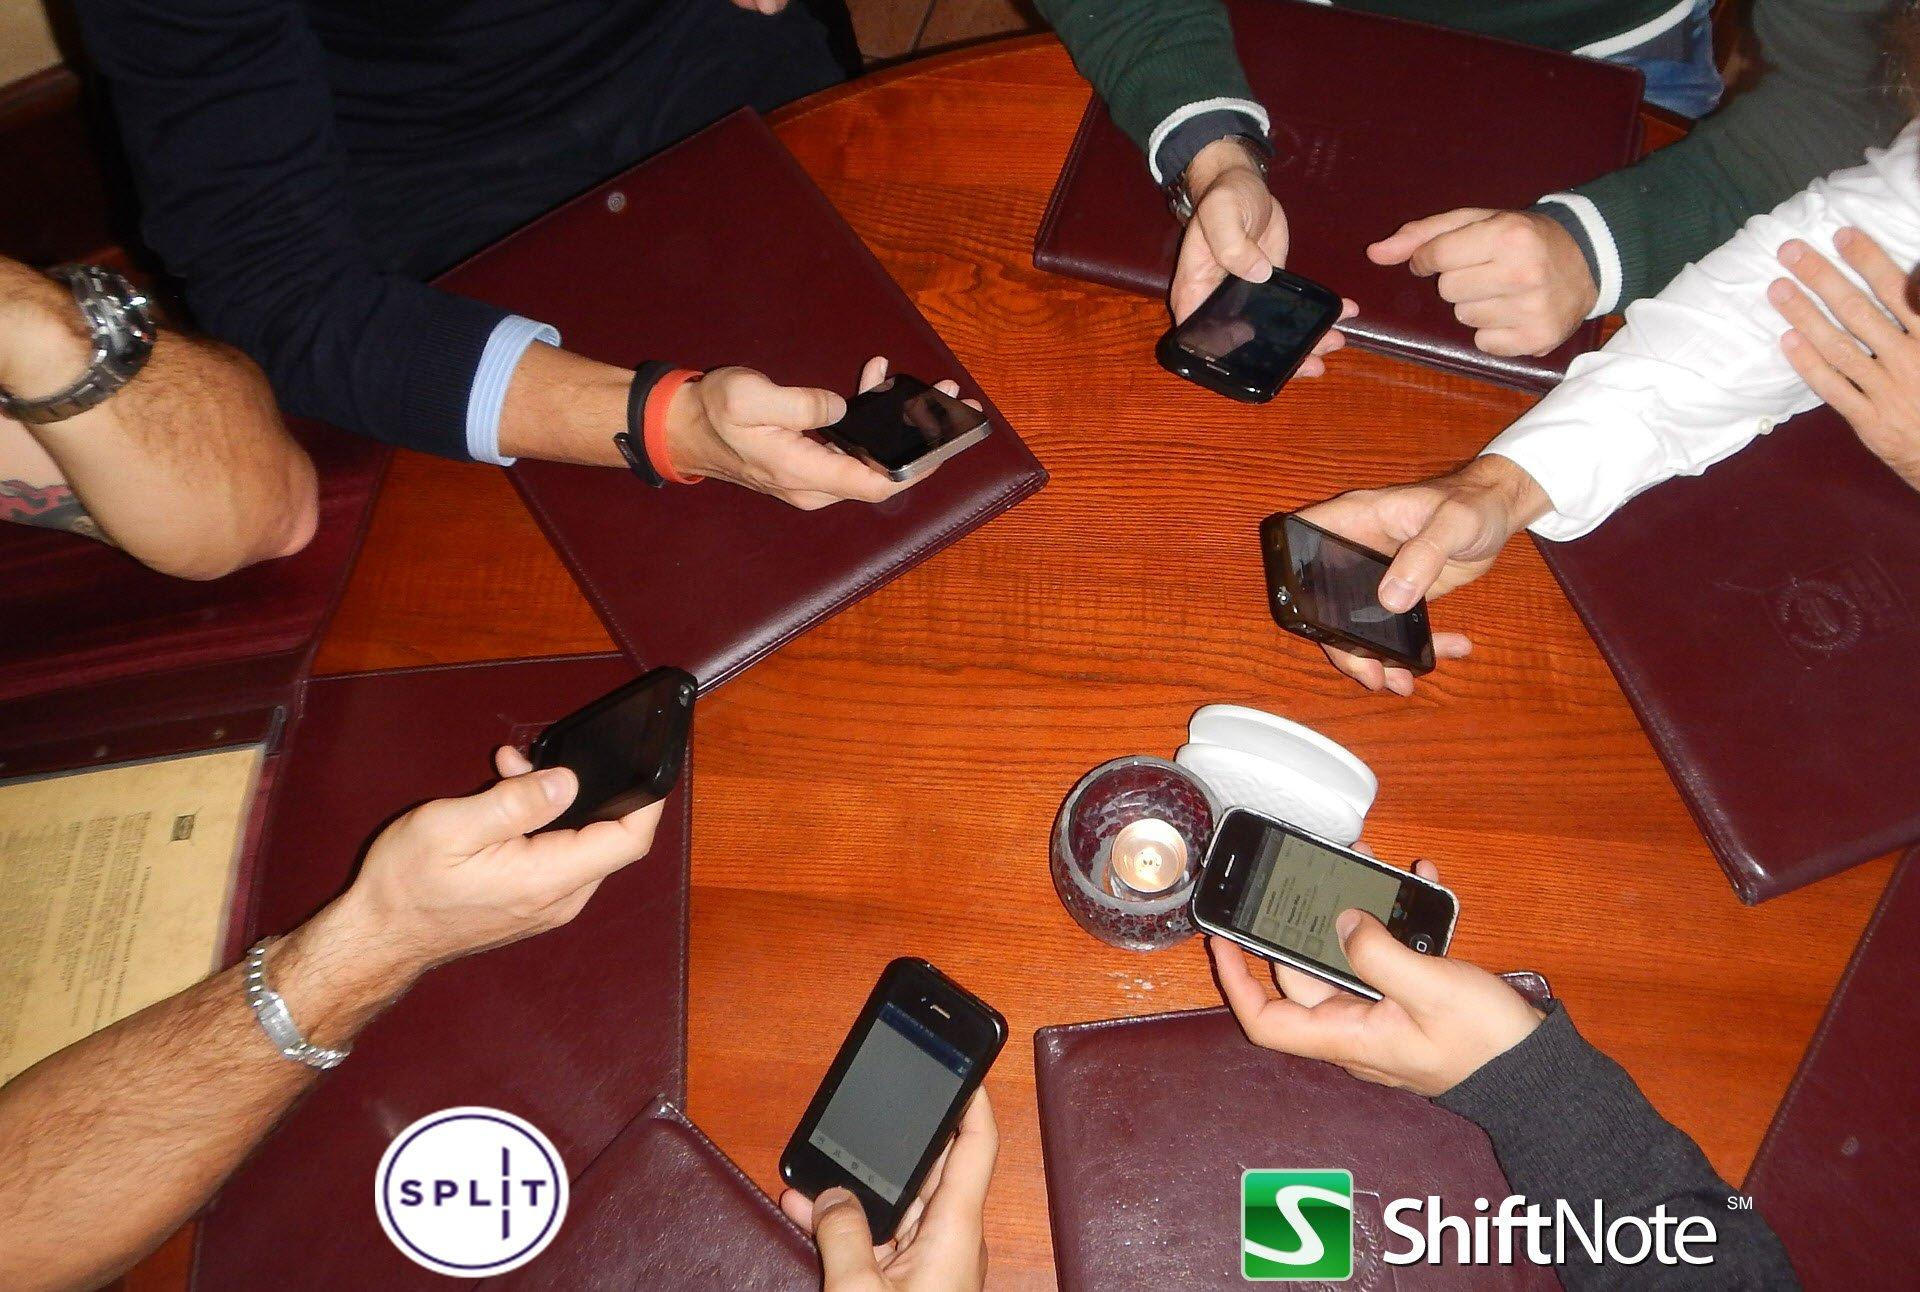 split-shiftnote-blog-mobile.jpg